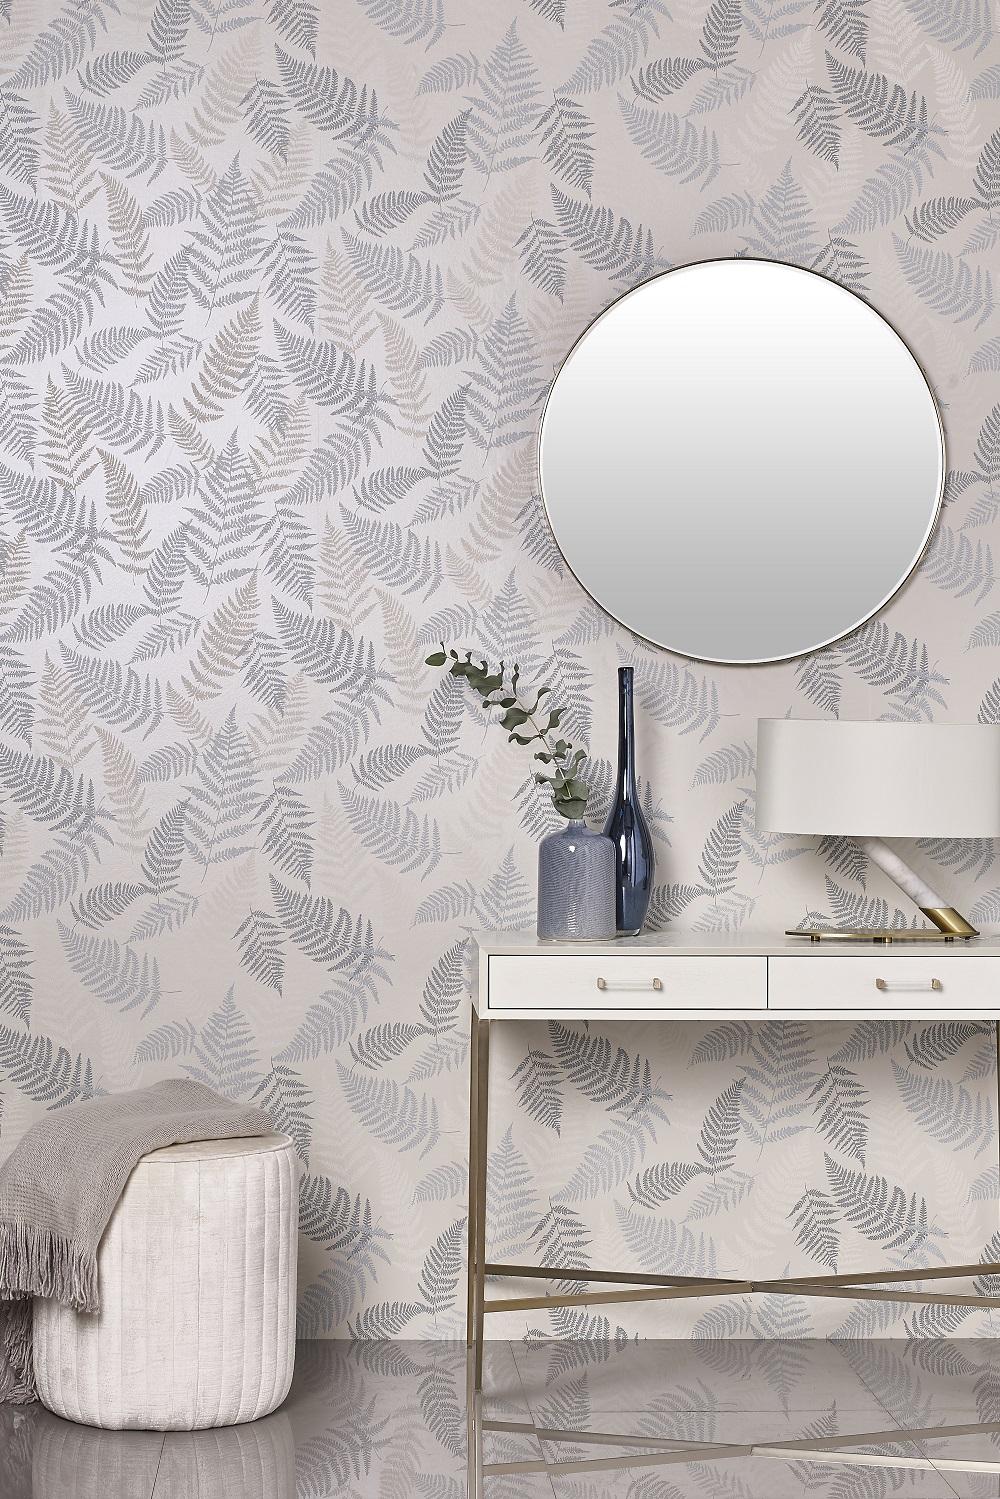 Pale Blue & Silver Fern Leaf Wallpaper